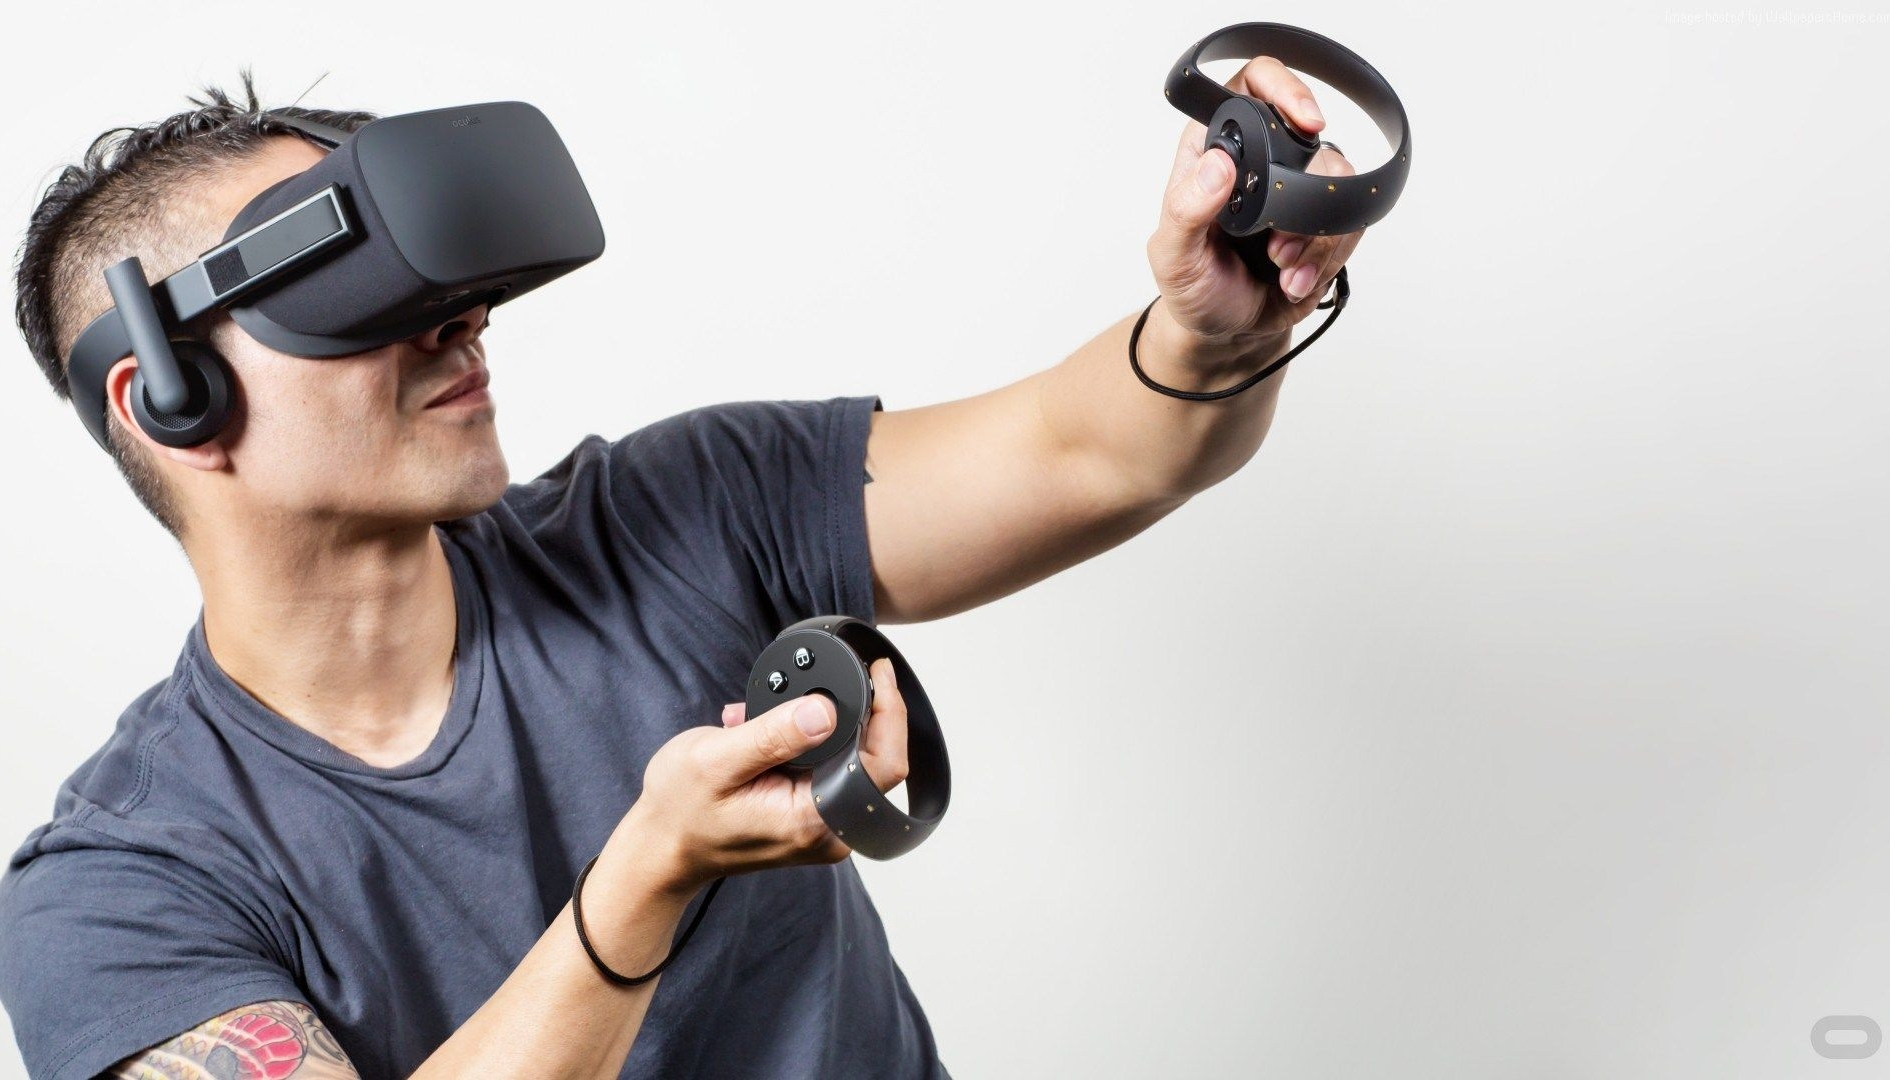 Oculus VR compie 5 anni celebrando il passato e proiettandosi al futuro